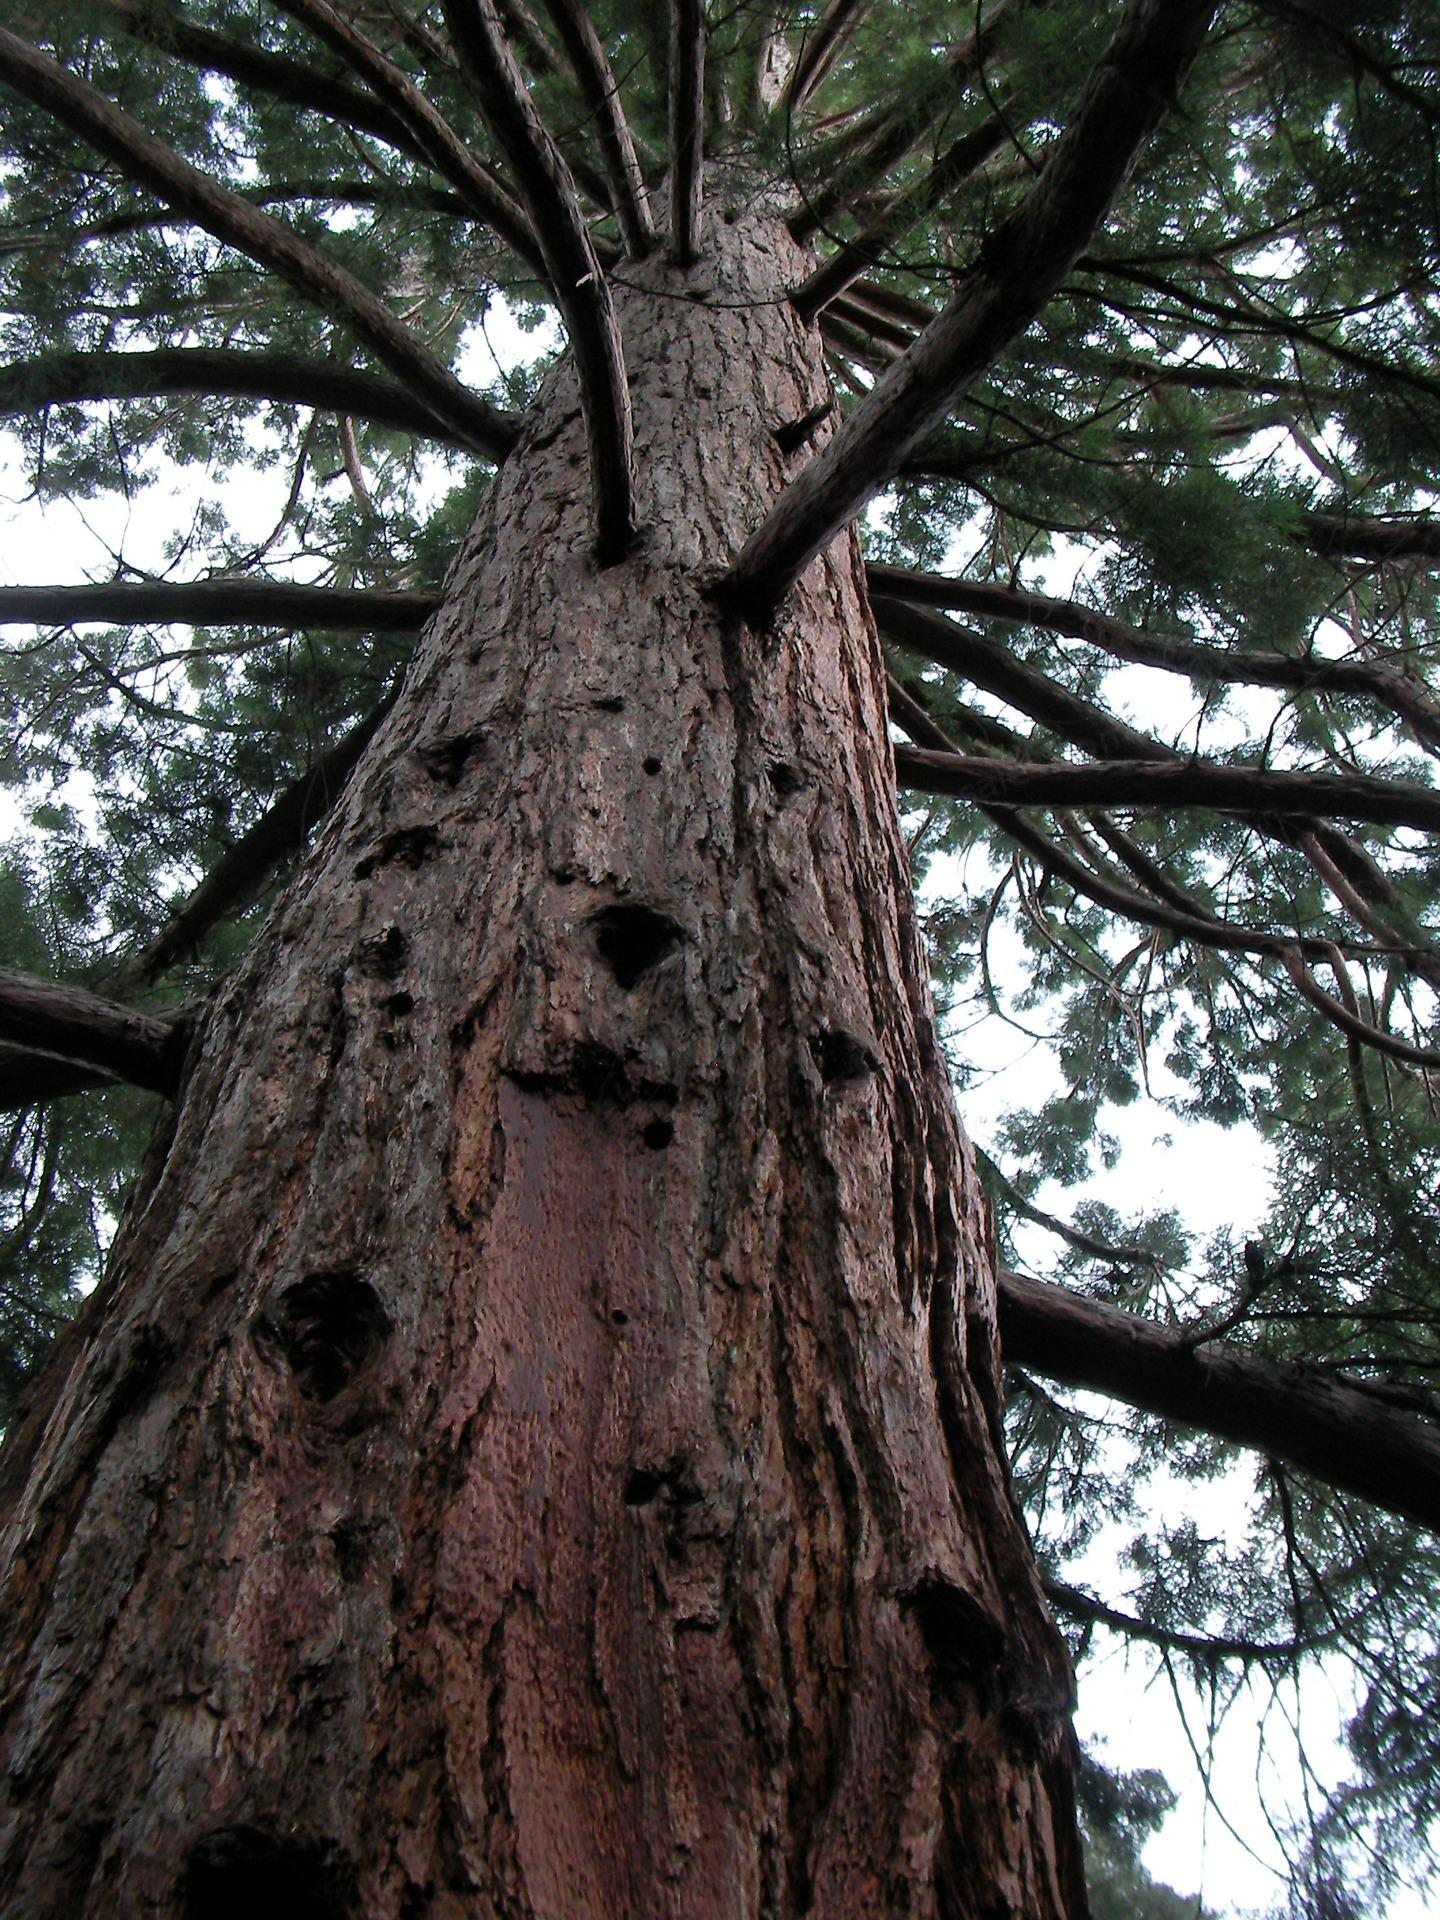 कॅलिफोर्नियातील एक उत्तुंग वृक्ष